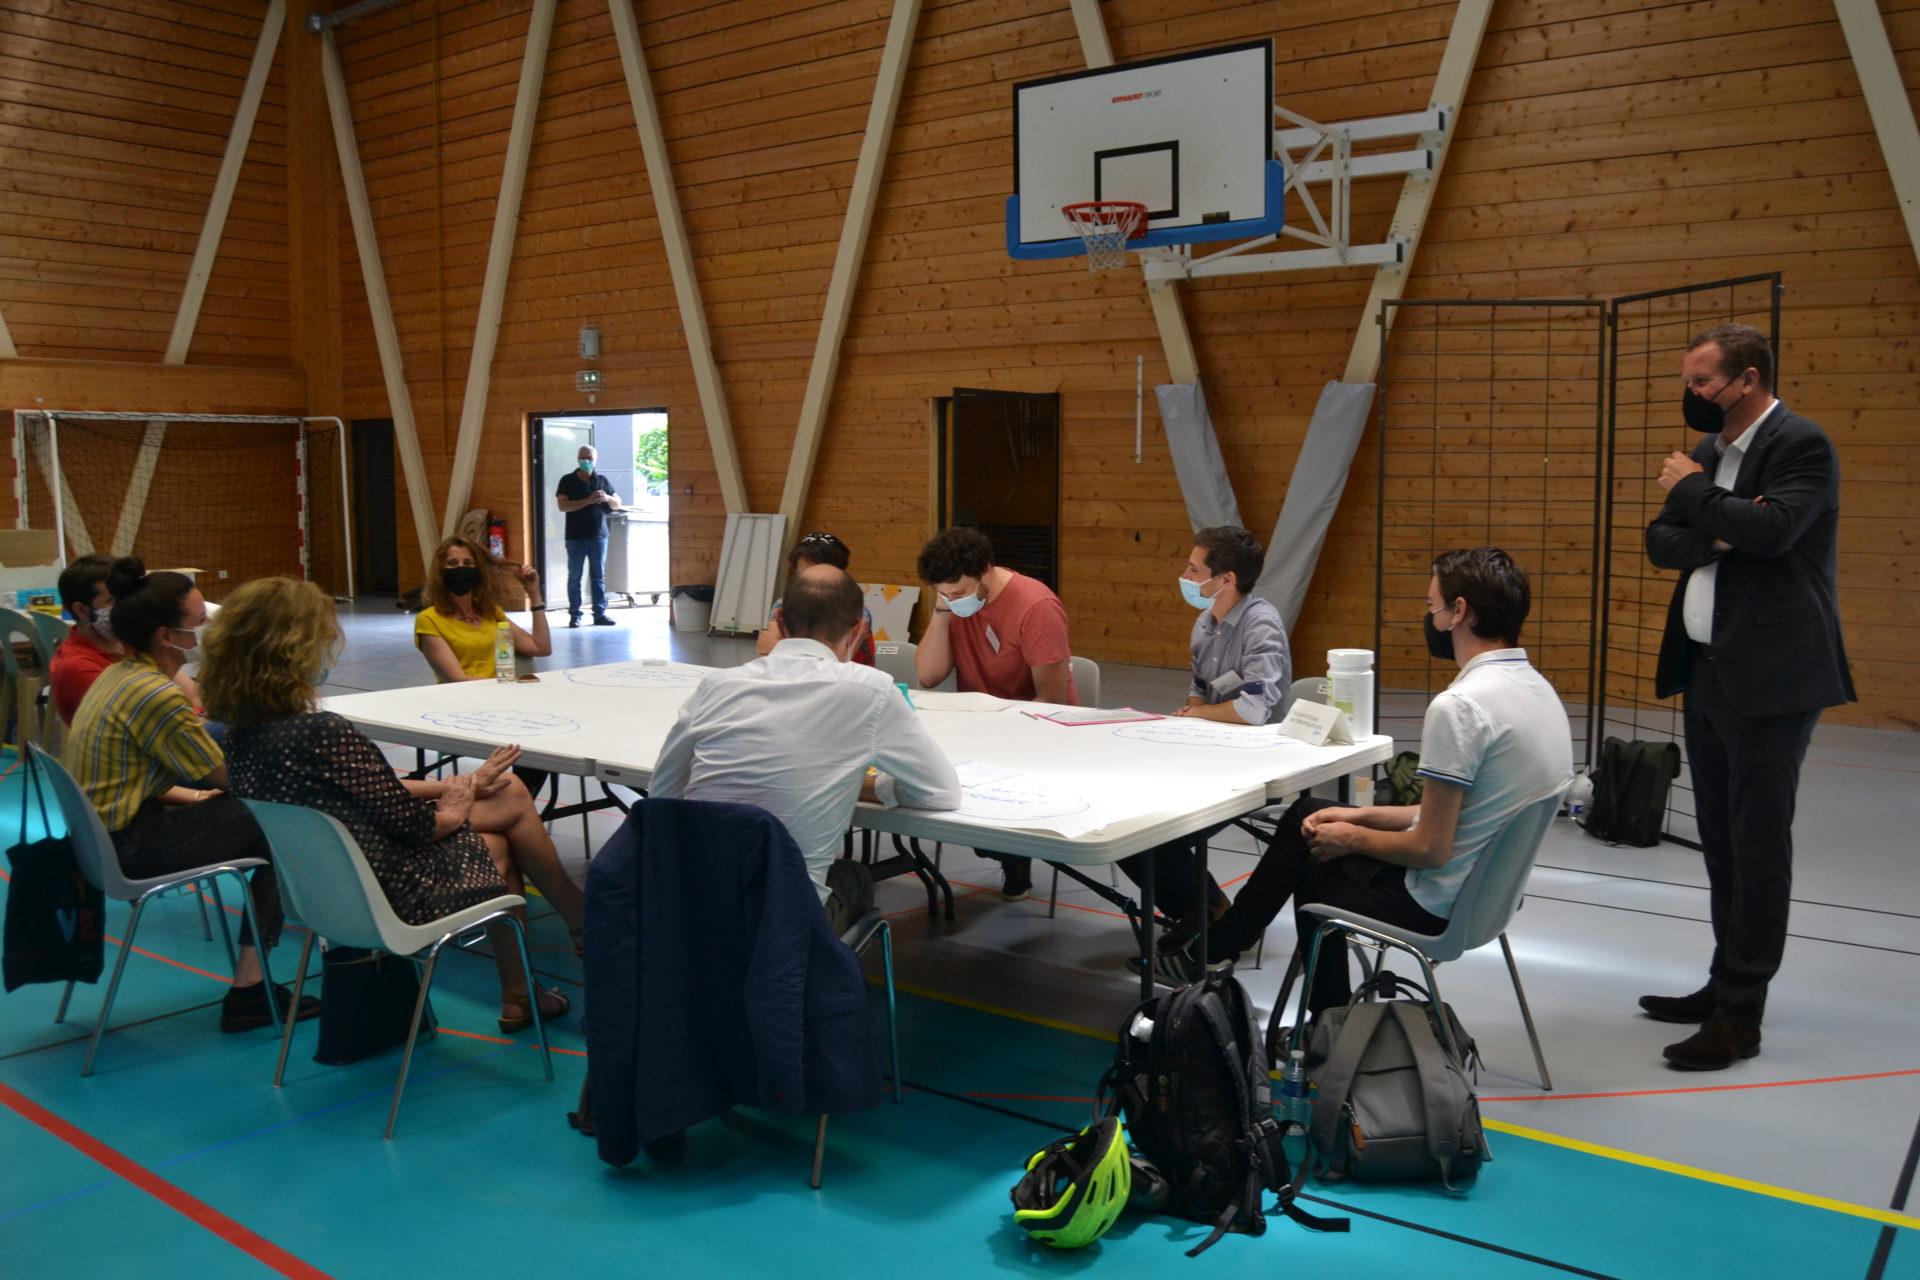 Des personnes masquées sont assises autour d'une table dans un gymnase